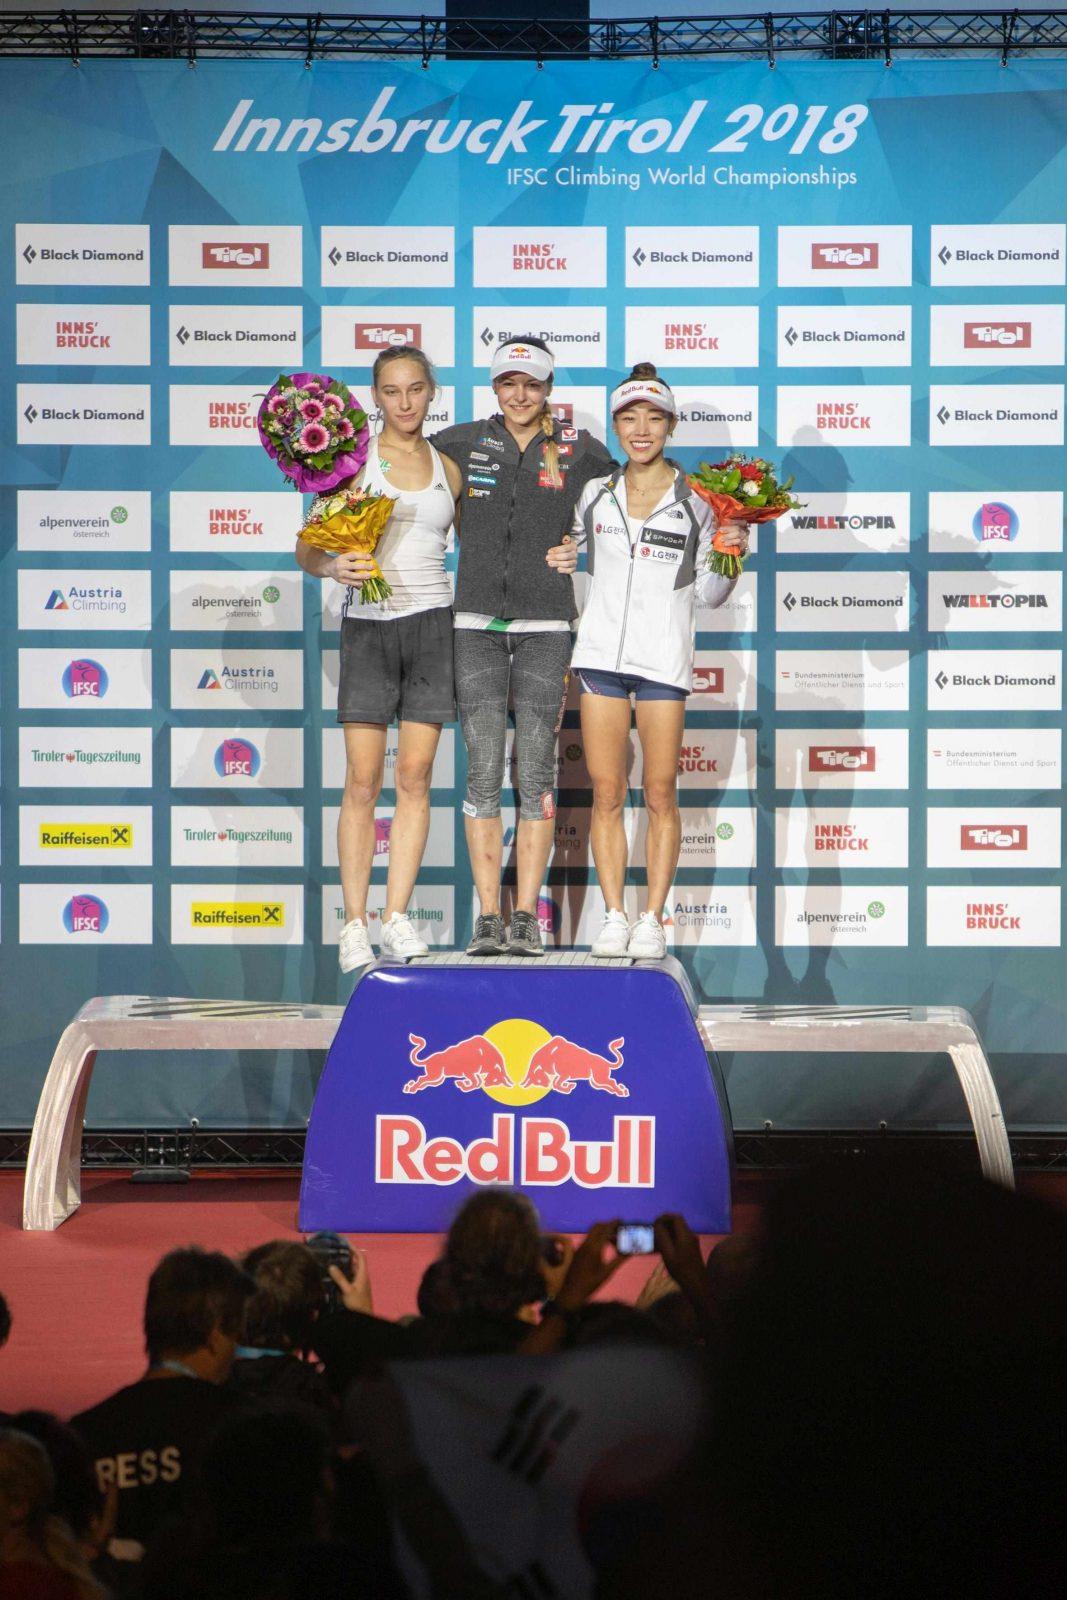 Janja Garnbret (links) bei der Siegerehrung mit Jessica Pilz (mitte) und Kim Jain (rechts), Foto: Moritz Liebhaber | Climbers Paradise